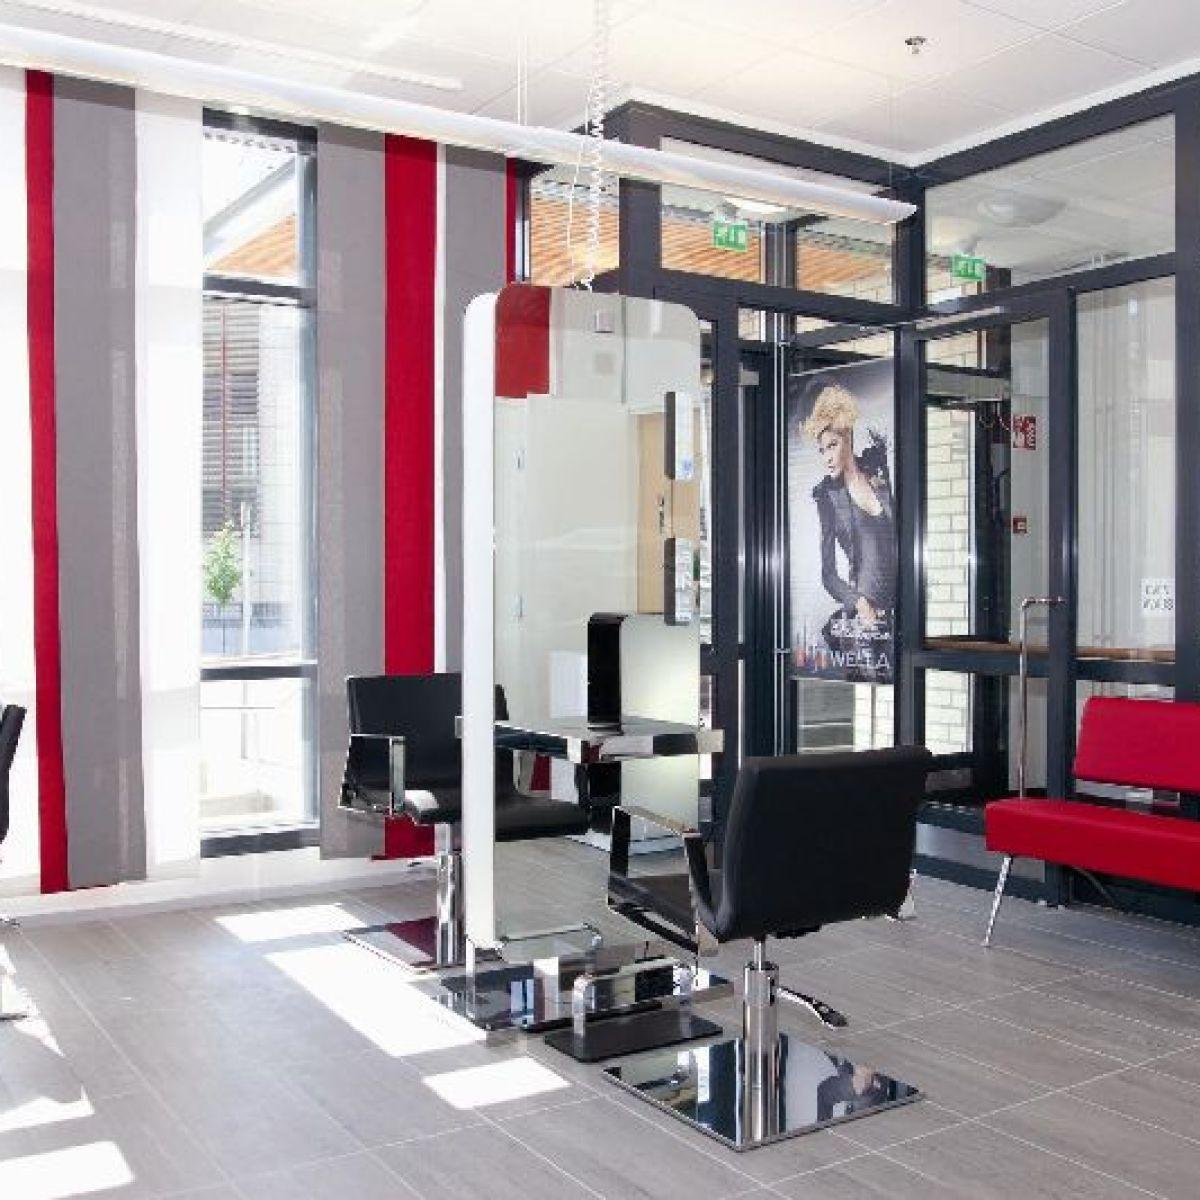 Nelson mobilier fabricante mobiliaro para peluquieras for Disenos de espejos para peluqueria